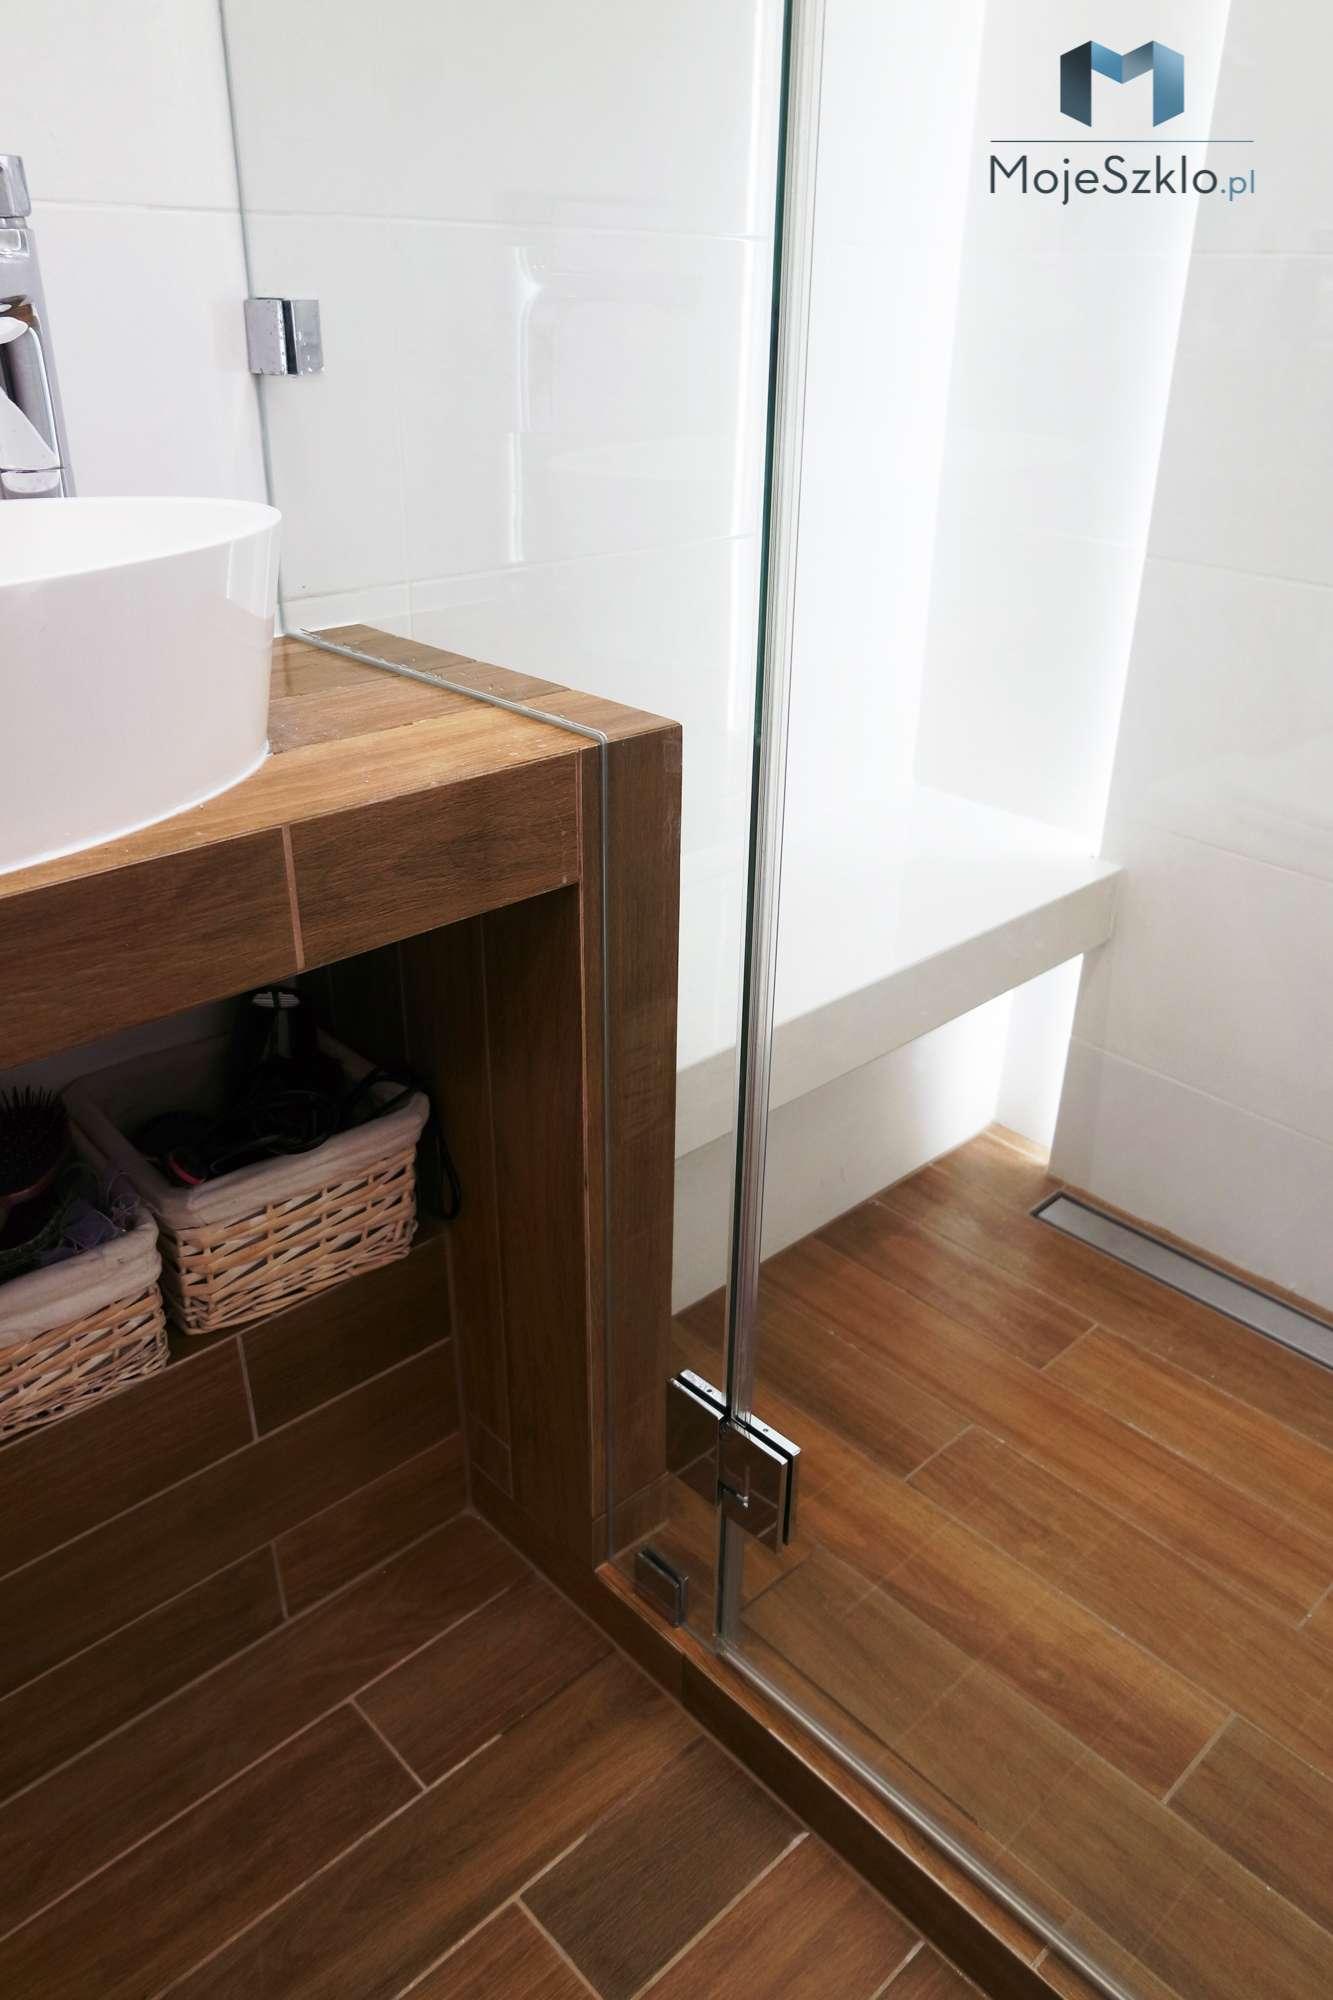 Kabina Prysznicowa Narozna Z Wycieciem - Kabina prysznicowa narożna na wymiar